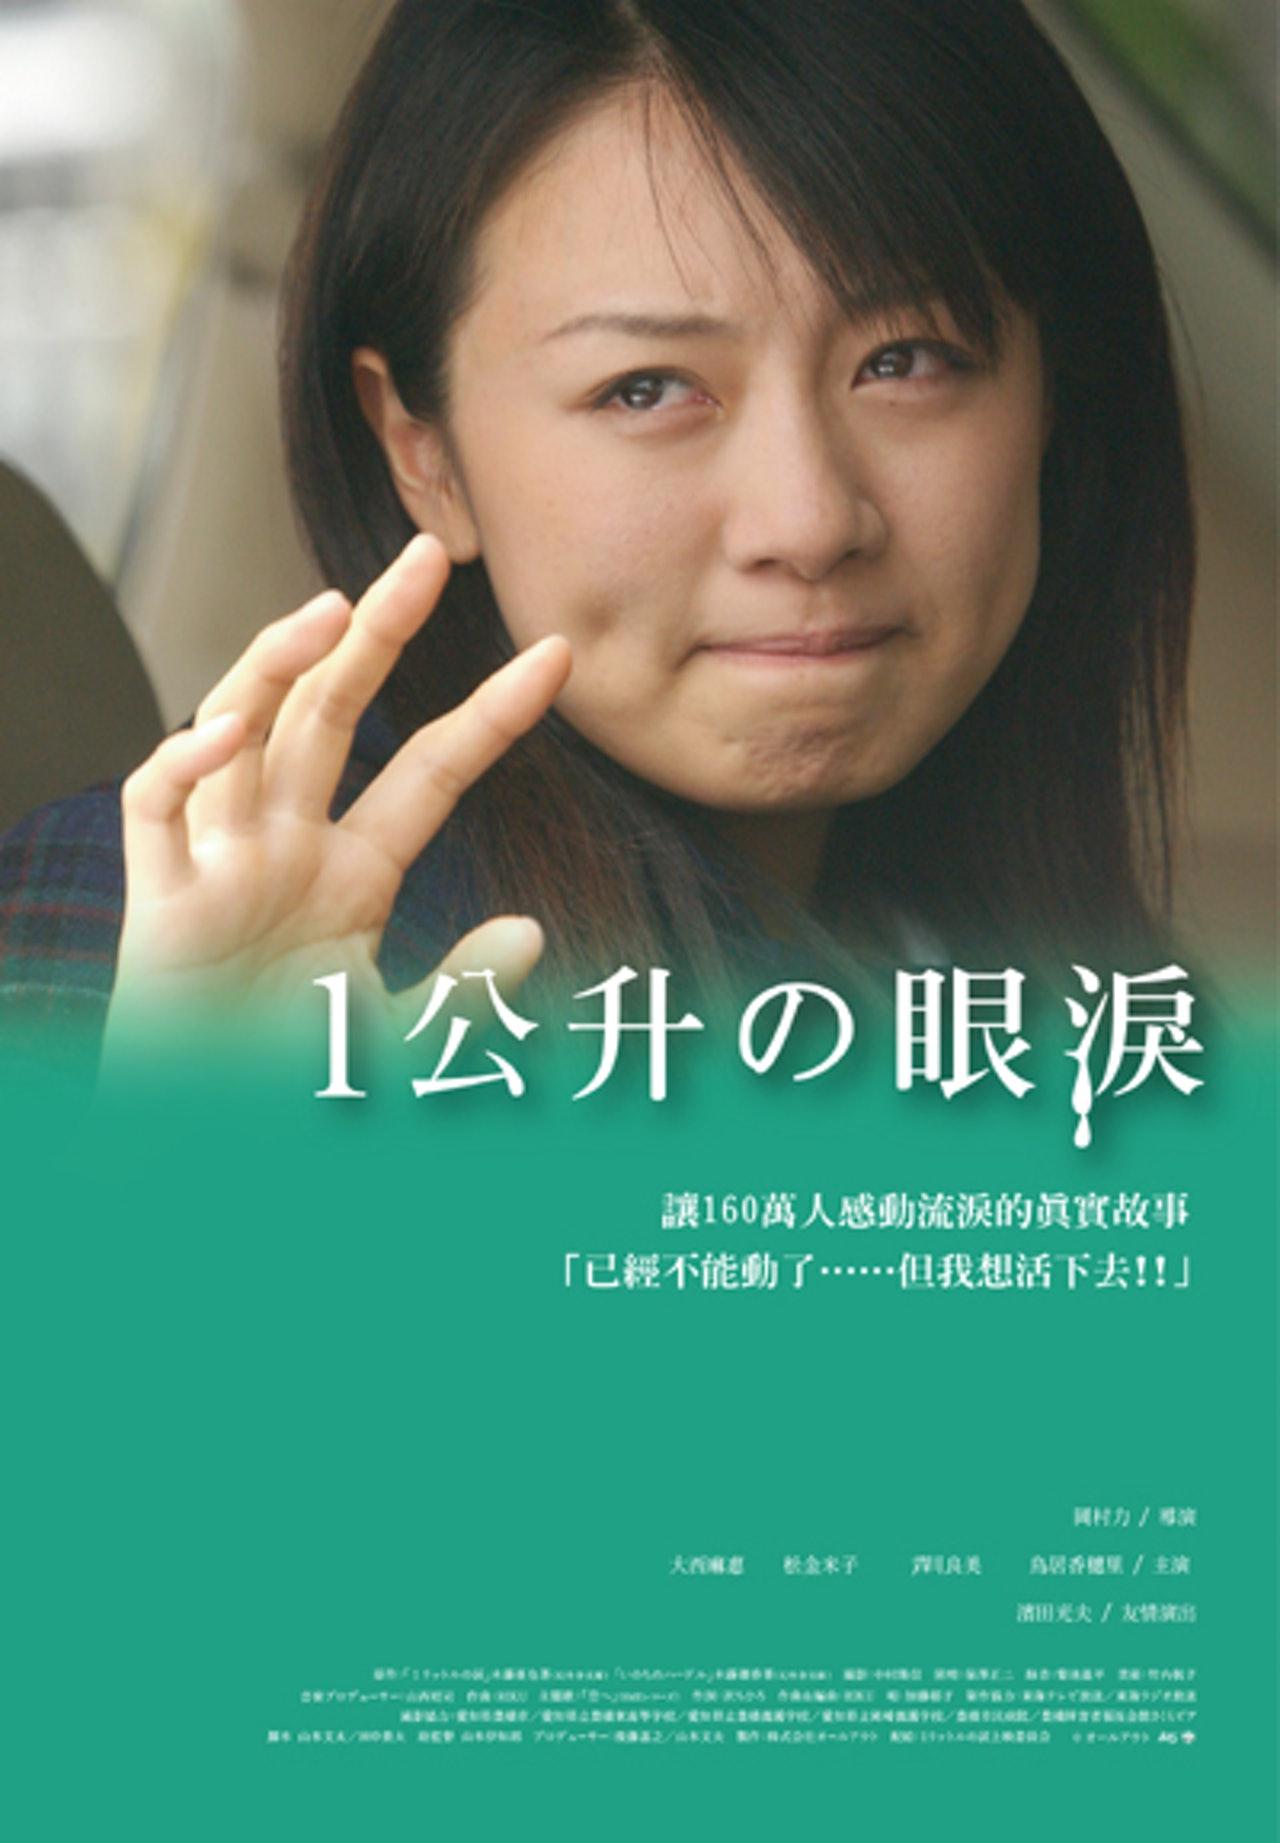 《一公升眼淚》是真人真事的日記,後來拍成電視劇及電影,讓公眾認識小腦萎縮症。(網上圖片)